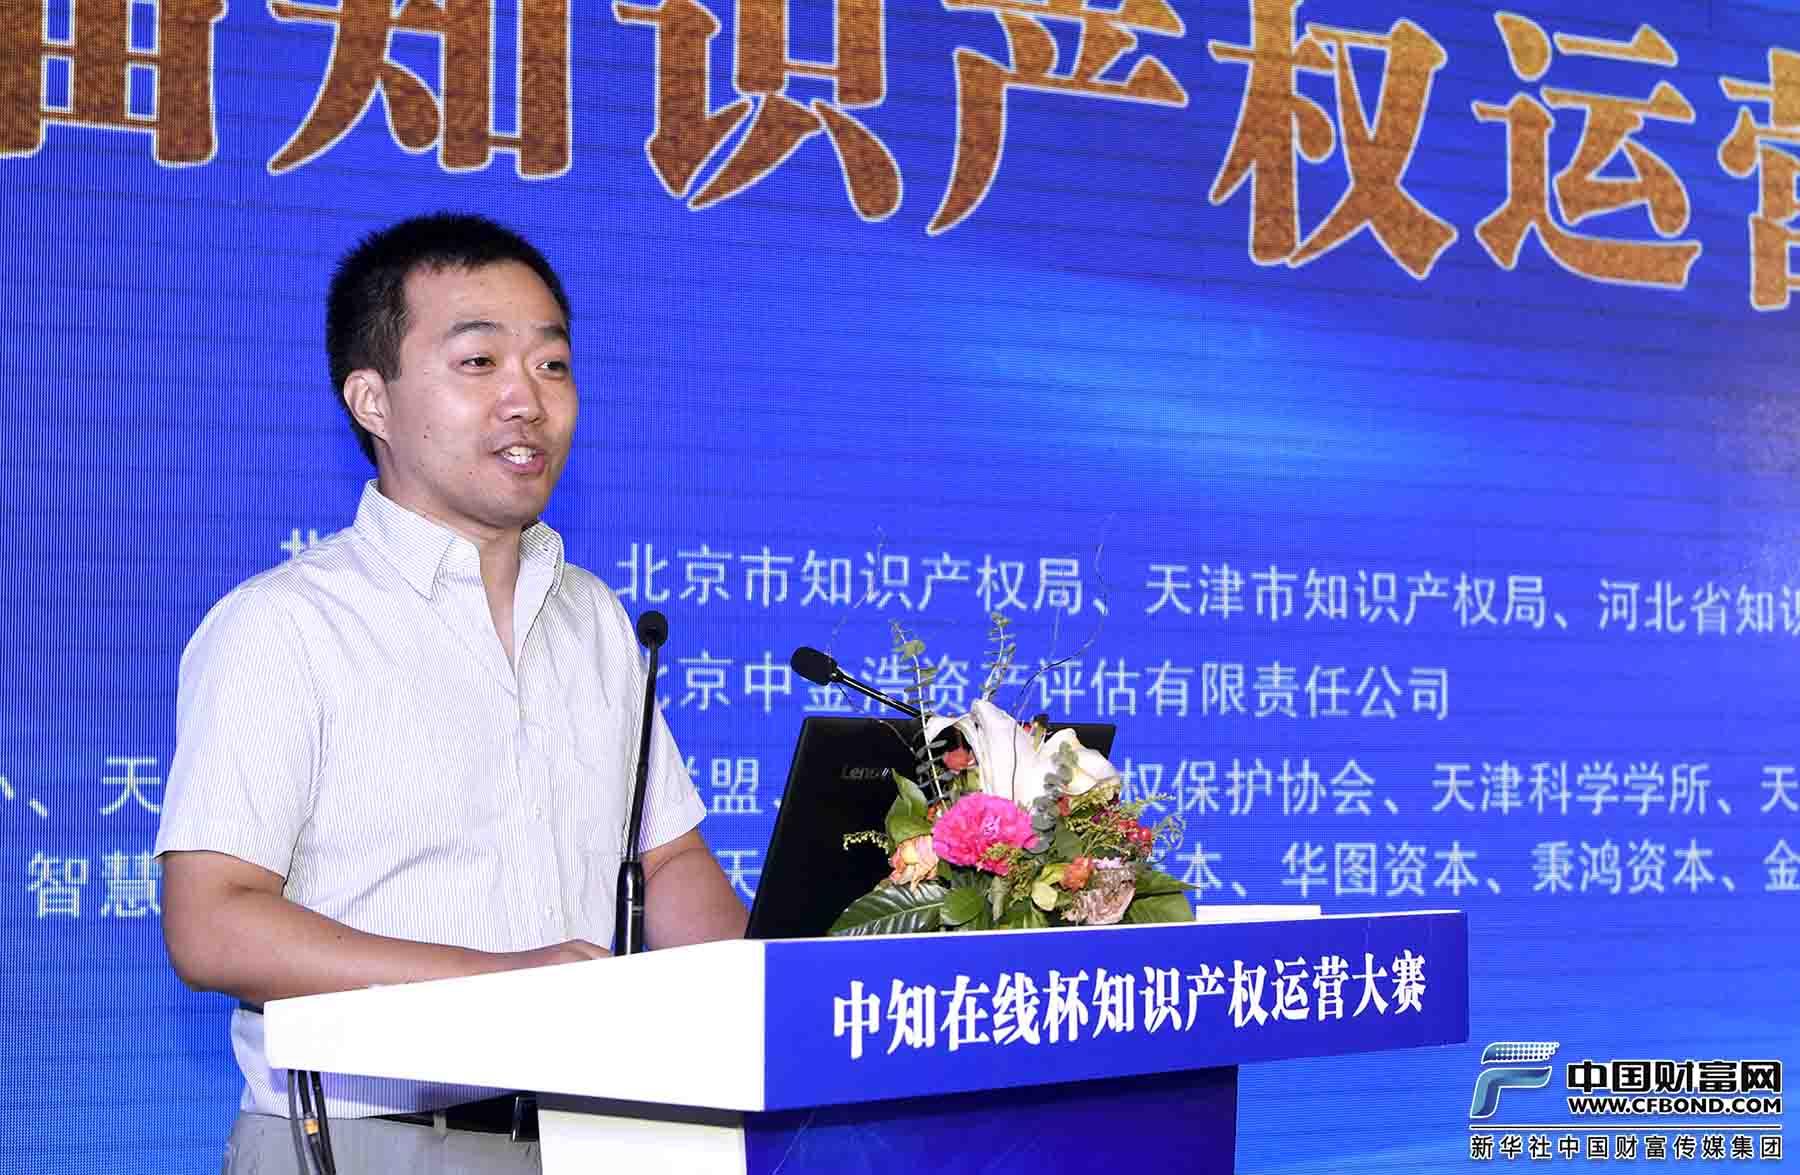 中金浩首席评估师马新明介绍中知在线平台及智德宝产品